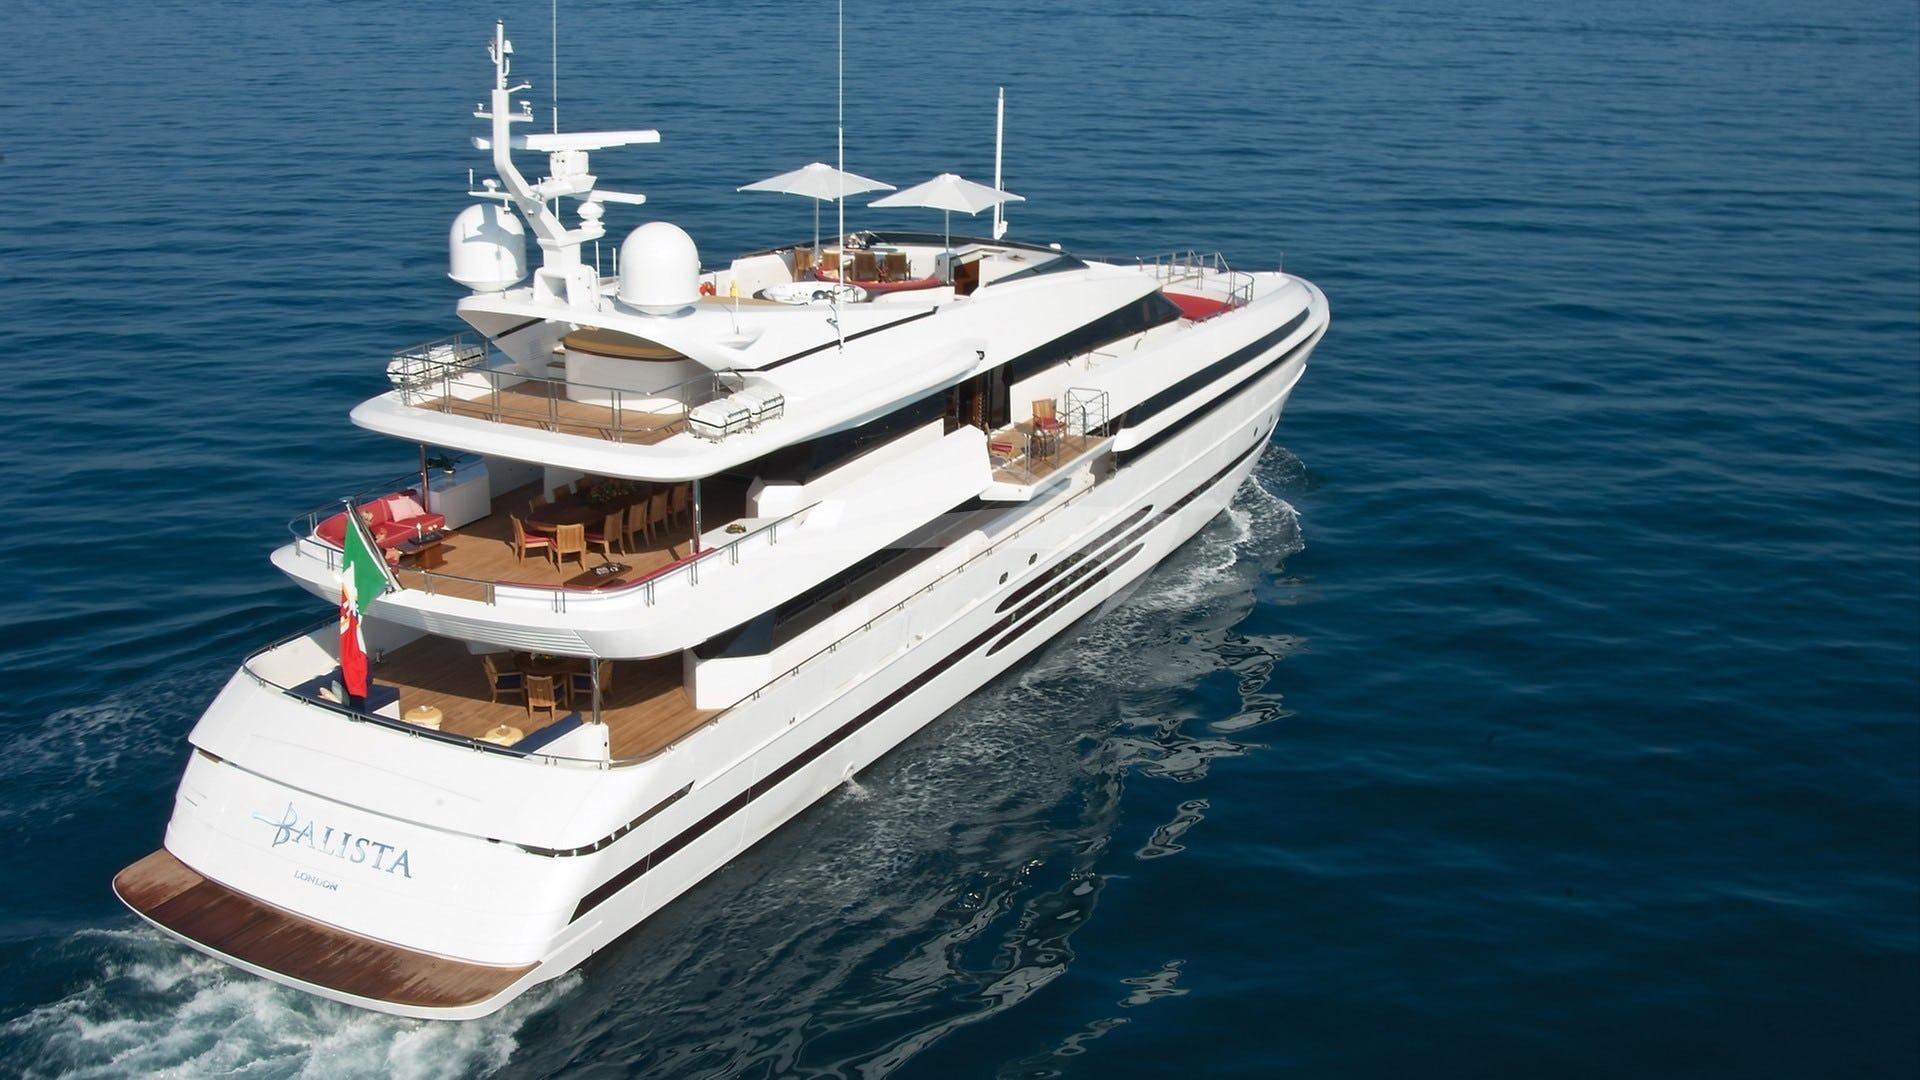 Yacht BALISTA Charter Yacht